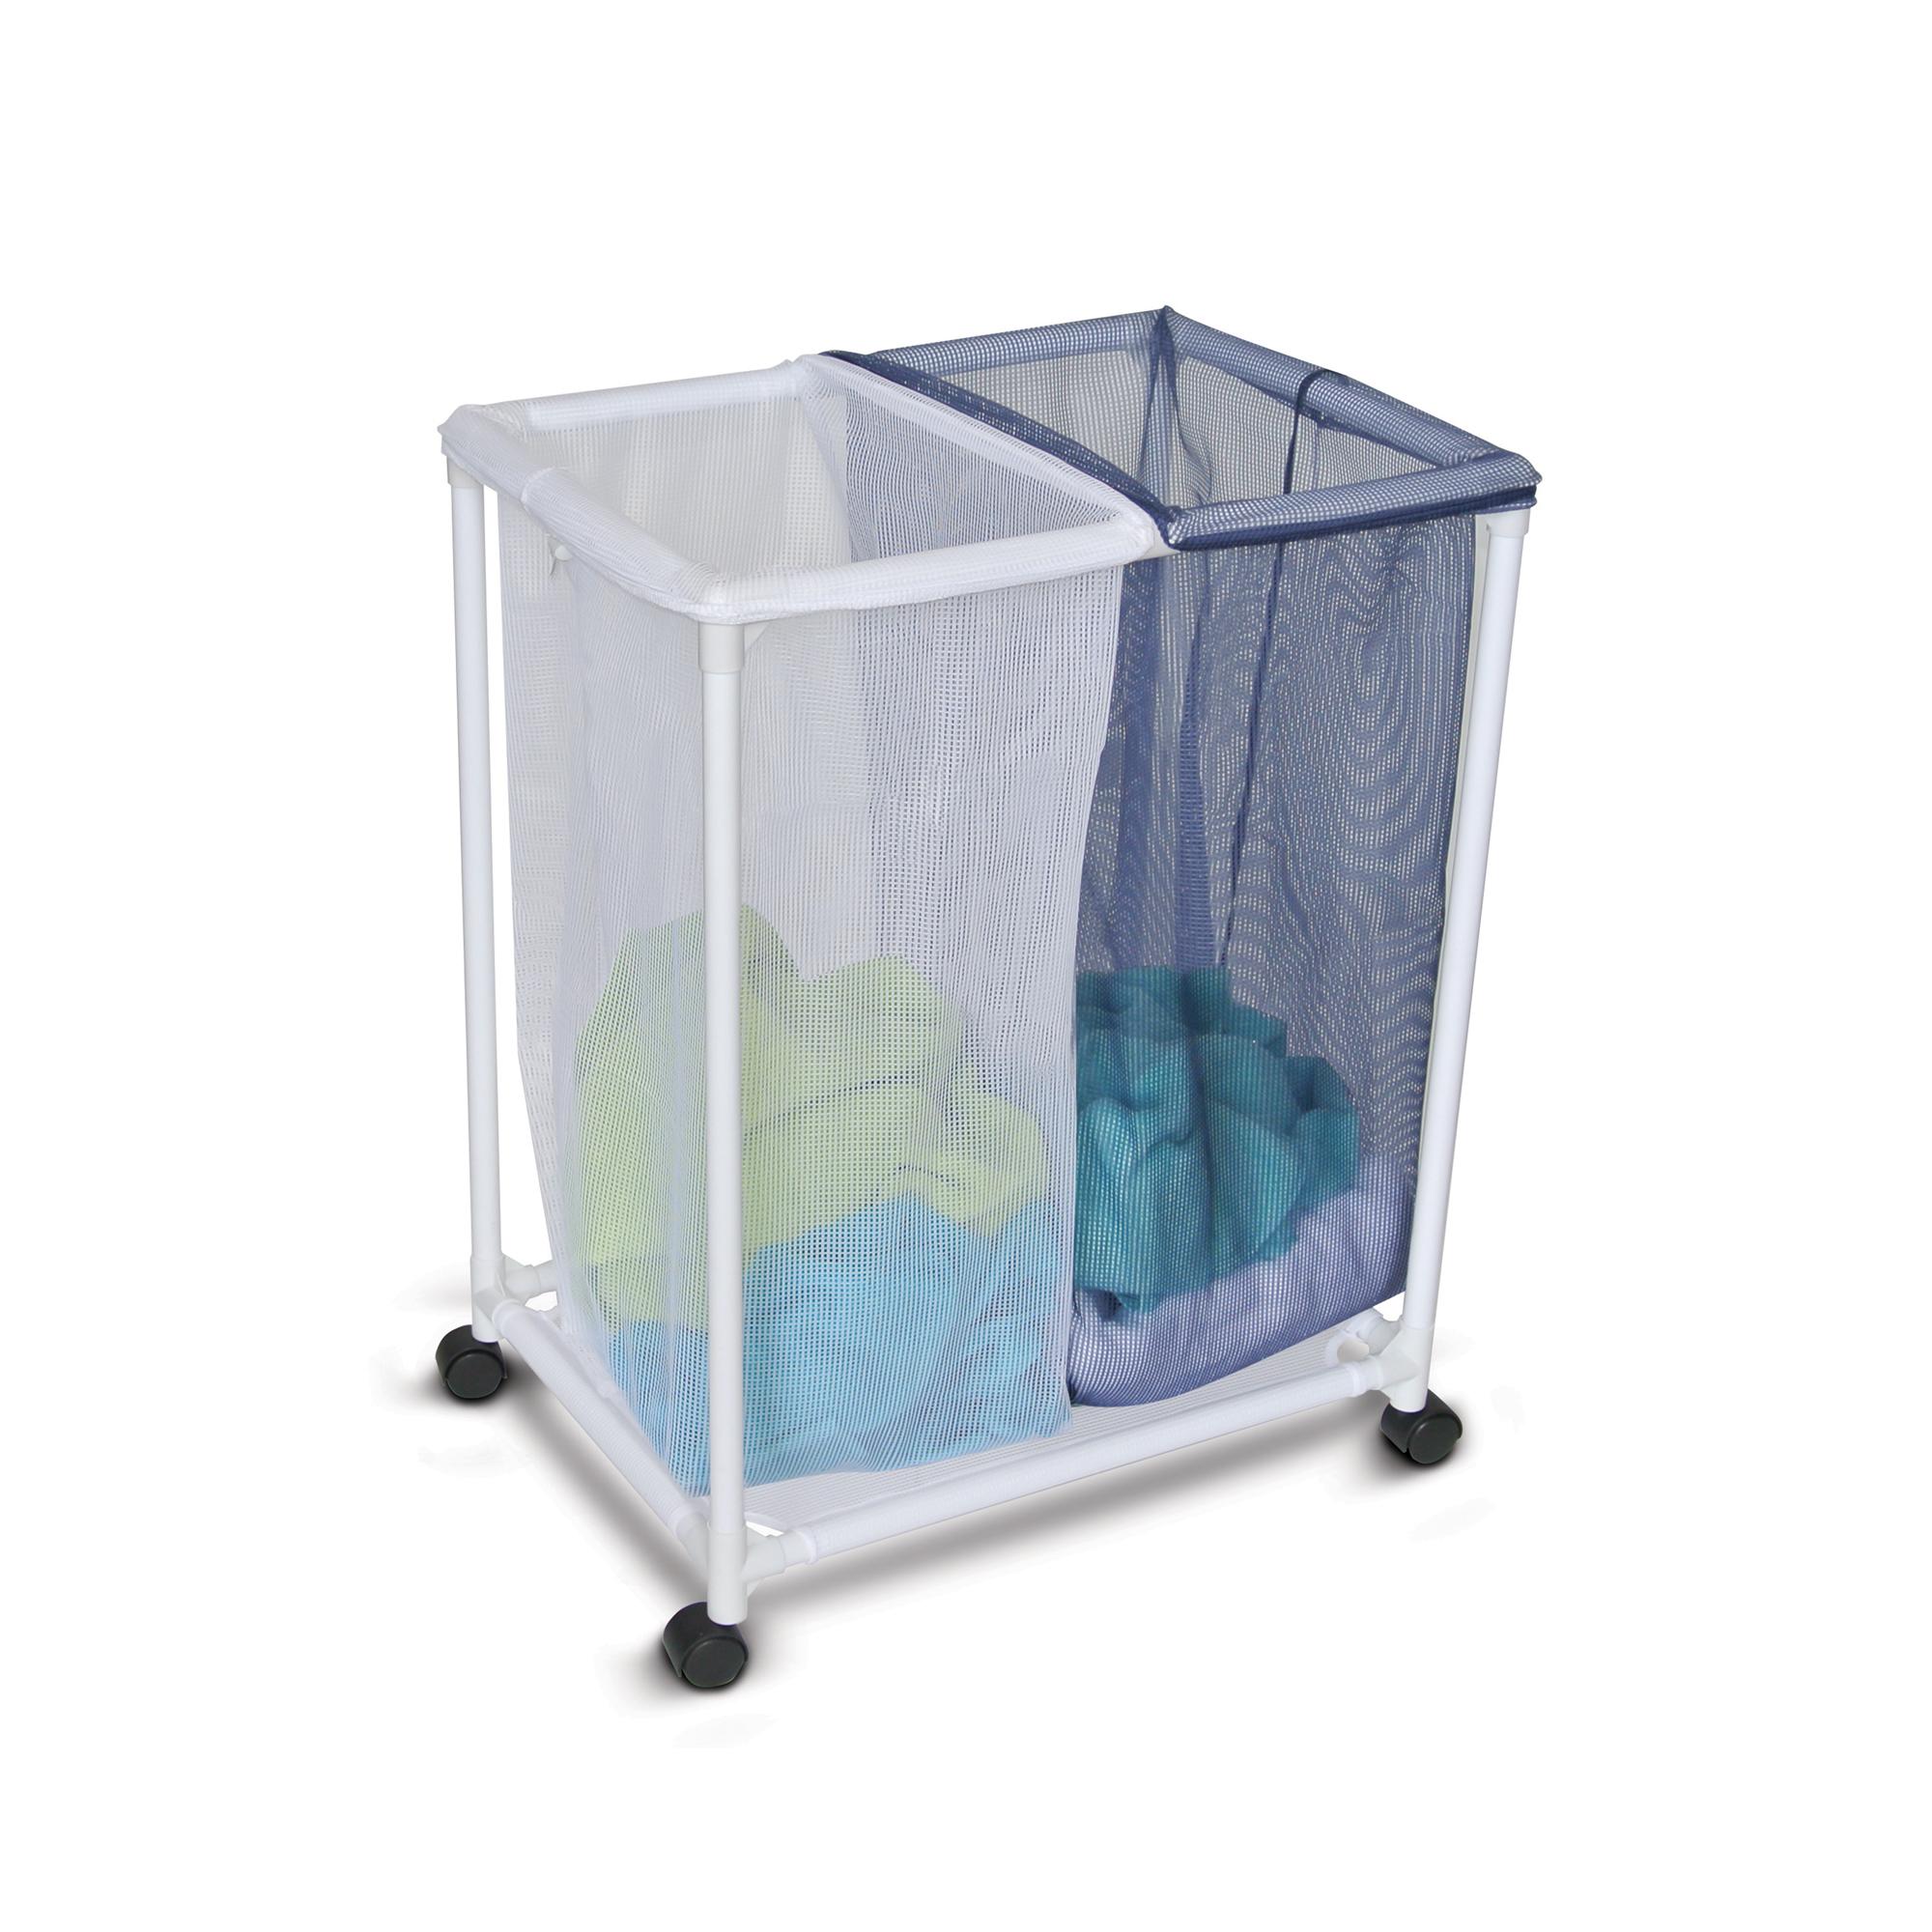 Homz Double Mesh Bag Laundry Sorter,  White